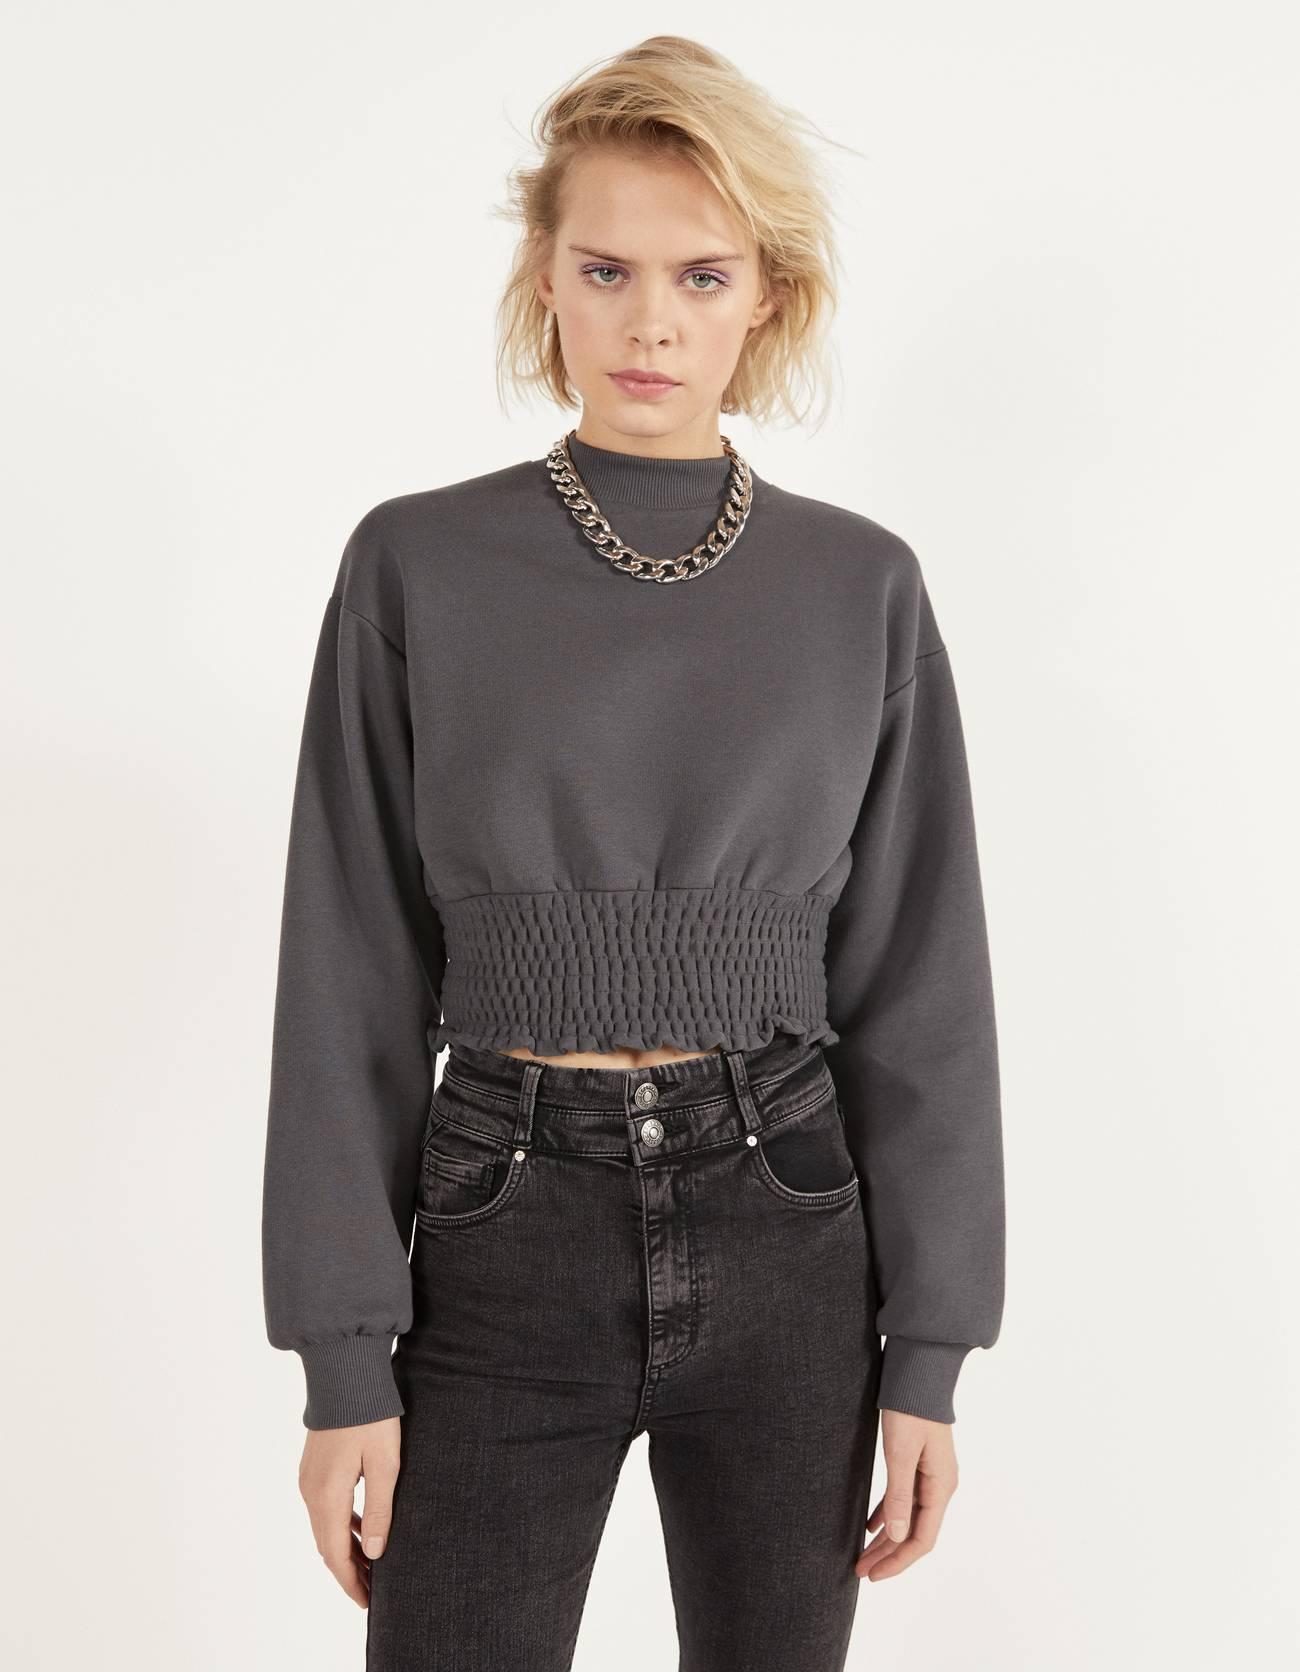 Sweatshirt with shirred elastic